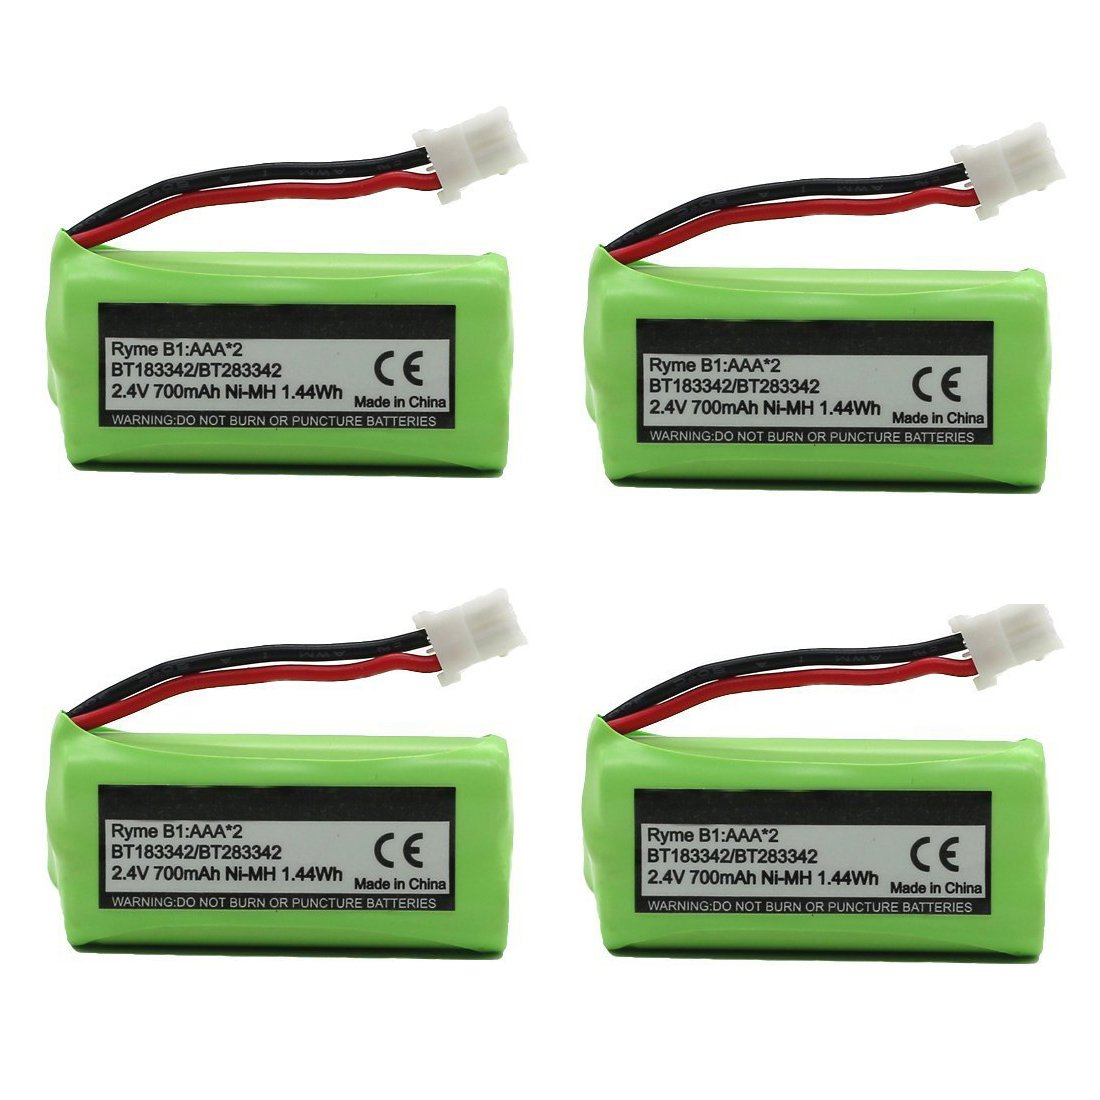 BT183342 BT162342 BT166342 BT262342 BT283342 BT266342 Replacement Battery Pack for Vtech Cordless Phone CS6114 CS6719 CS6124 CS6649 DS6151 AT&T CL4940 EL52300 Handset (4-Pack)